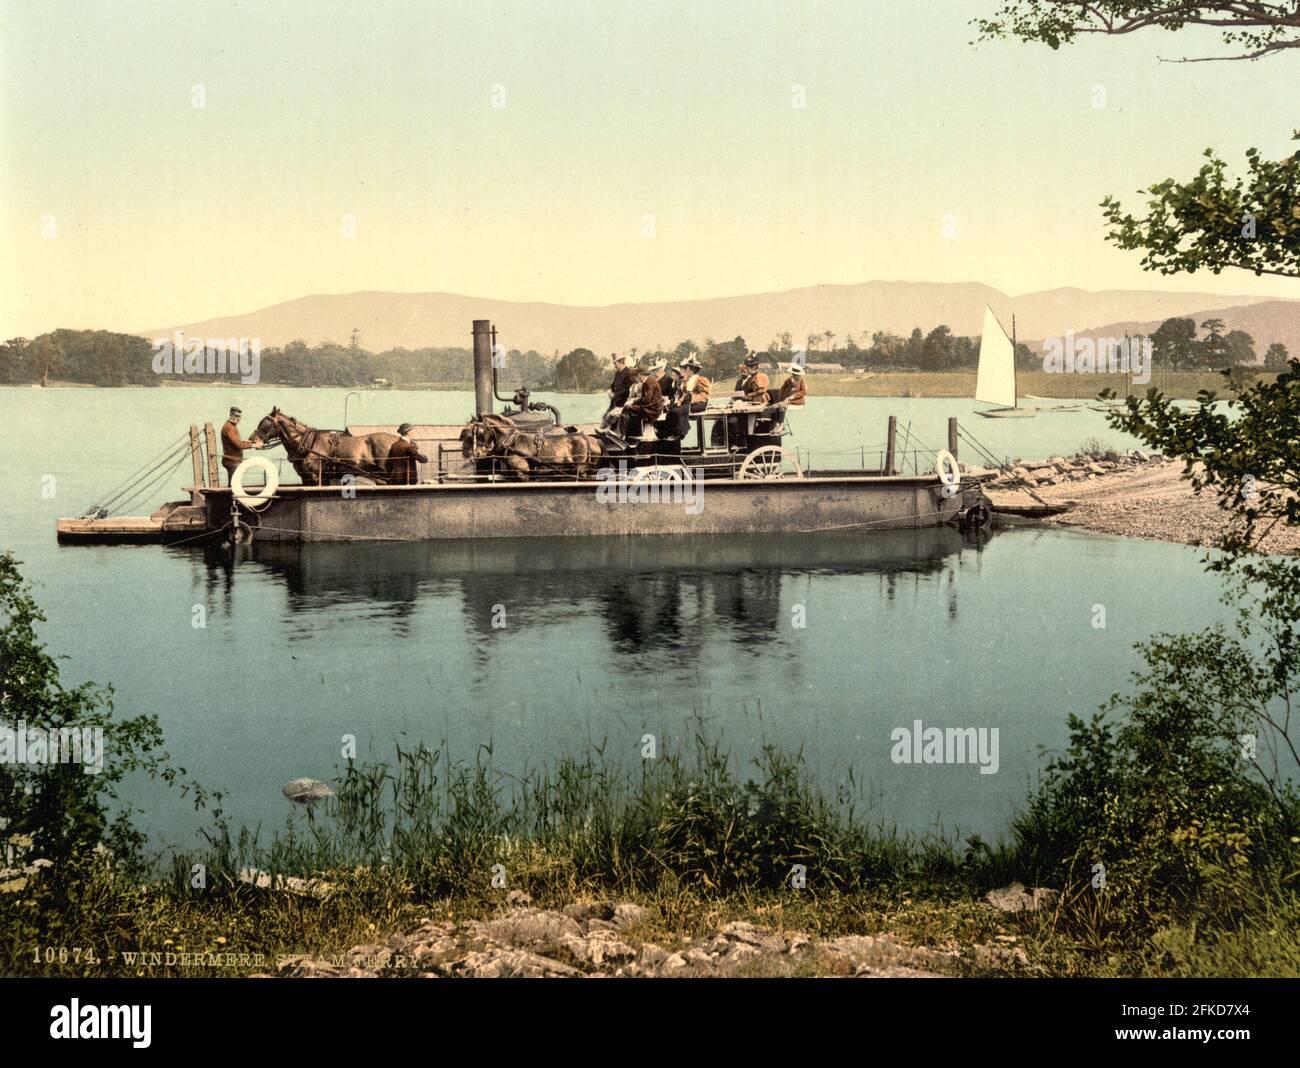 Le ferry à vapeur Windermere dans le Lake District, Cumbria vers 1890-1900 Banque D'Images